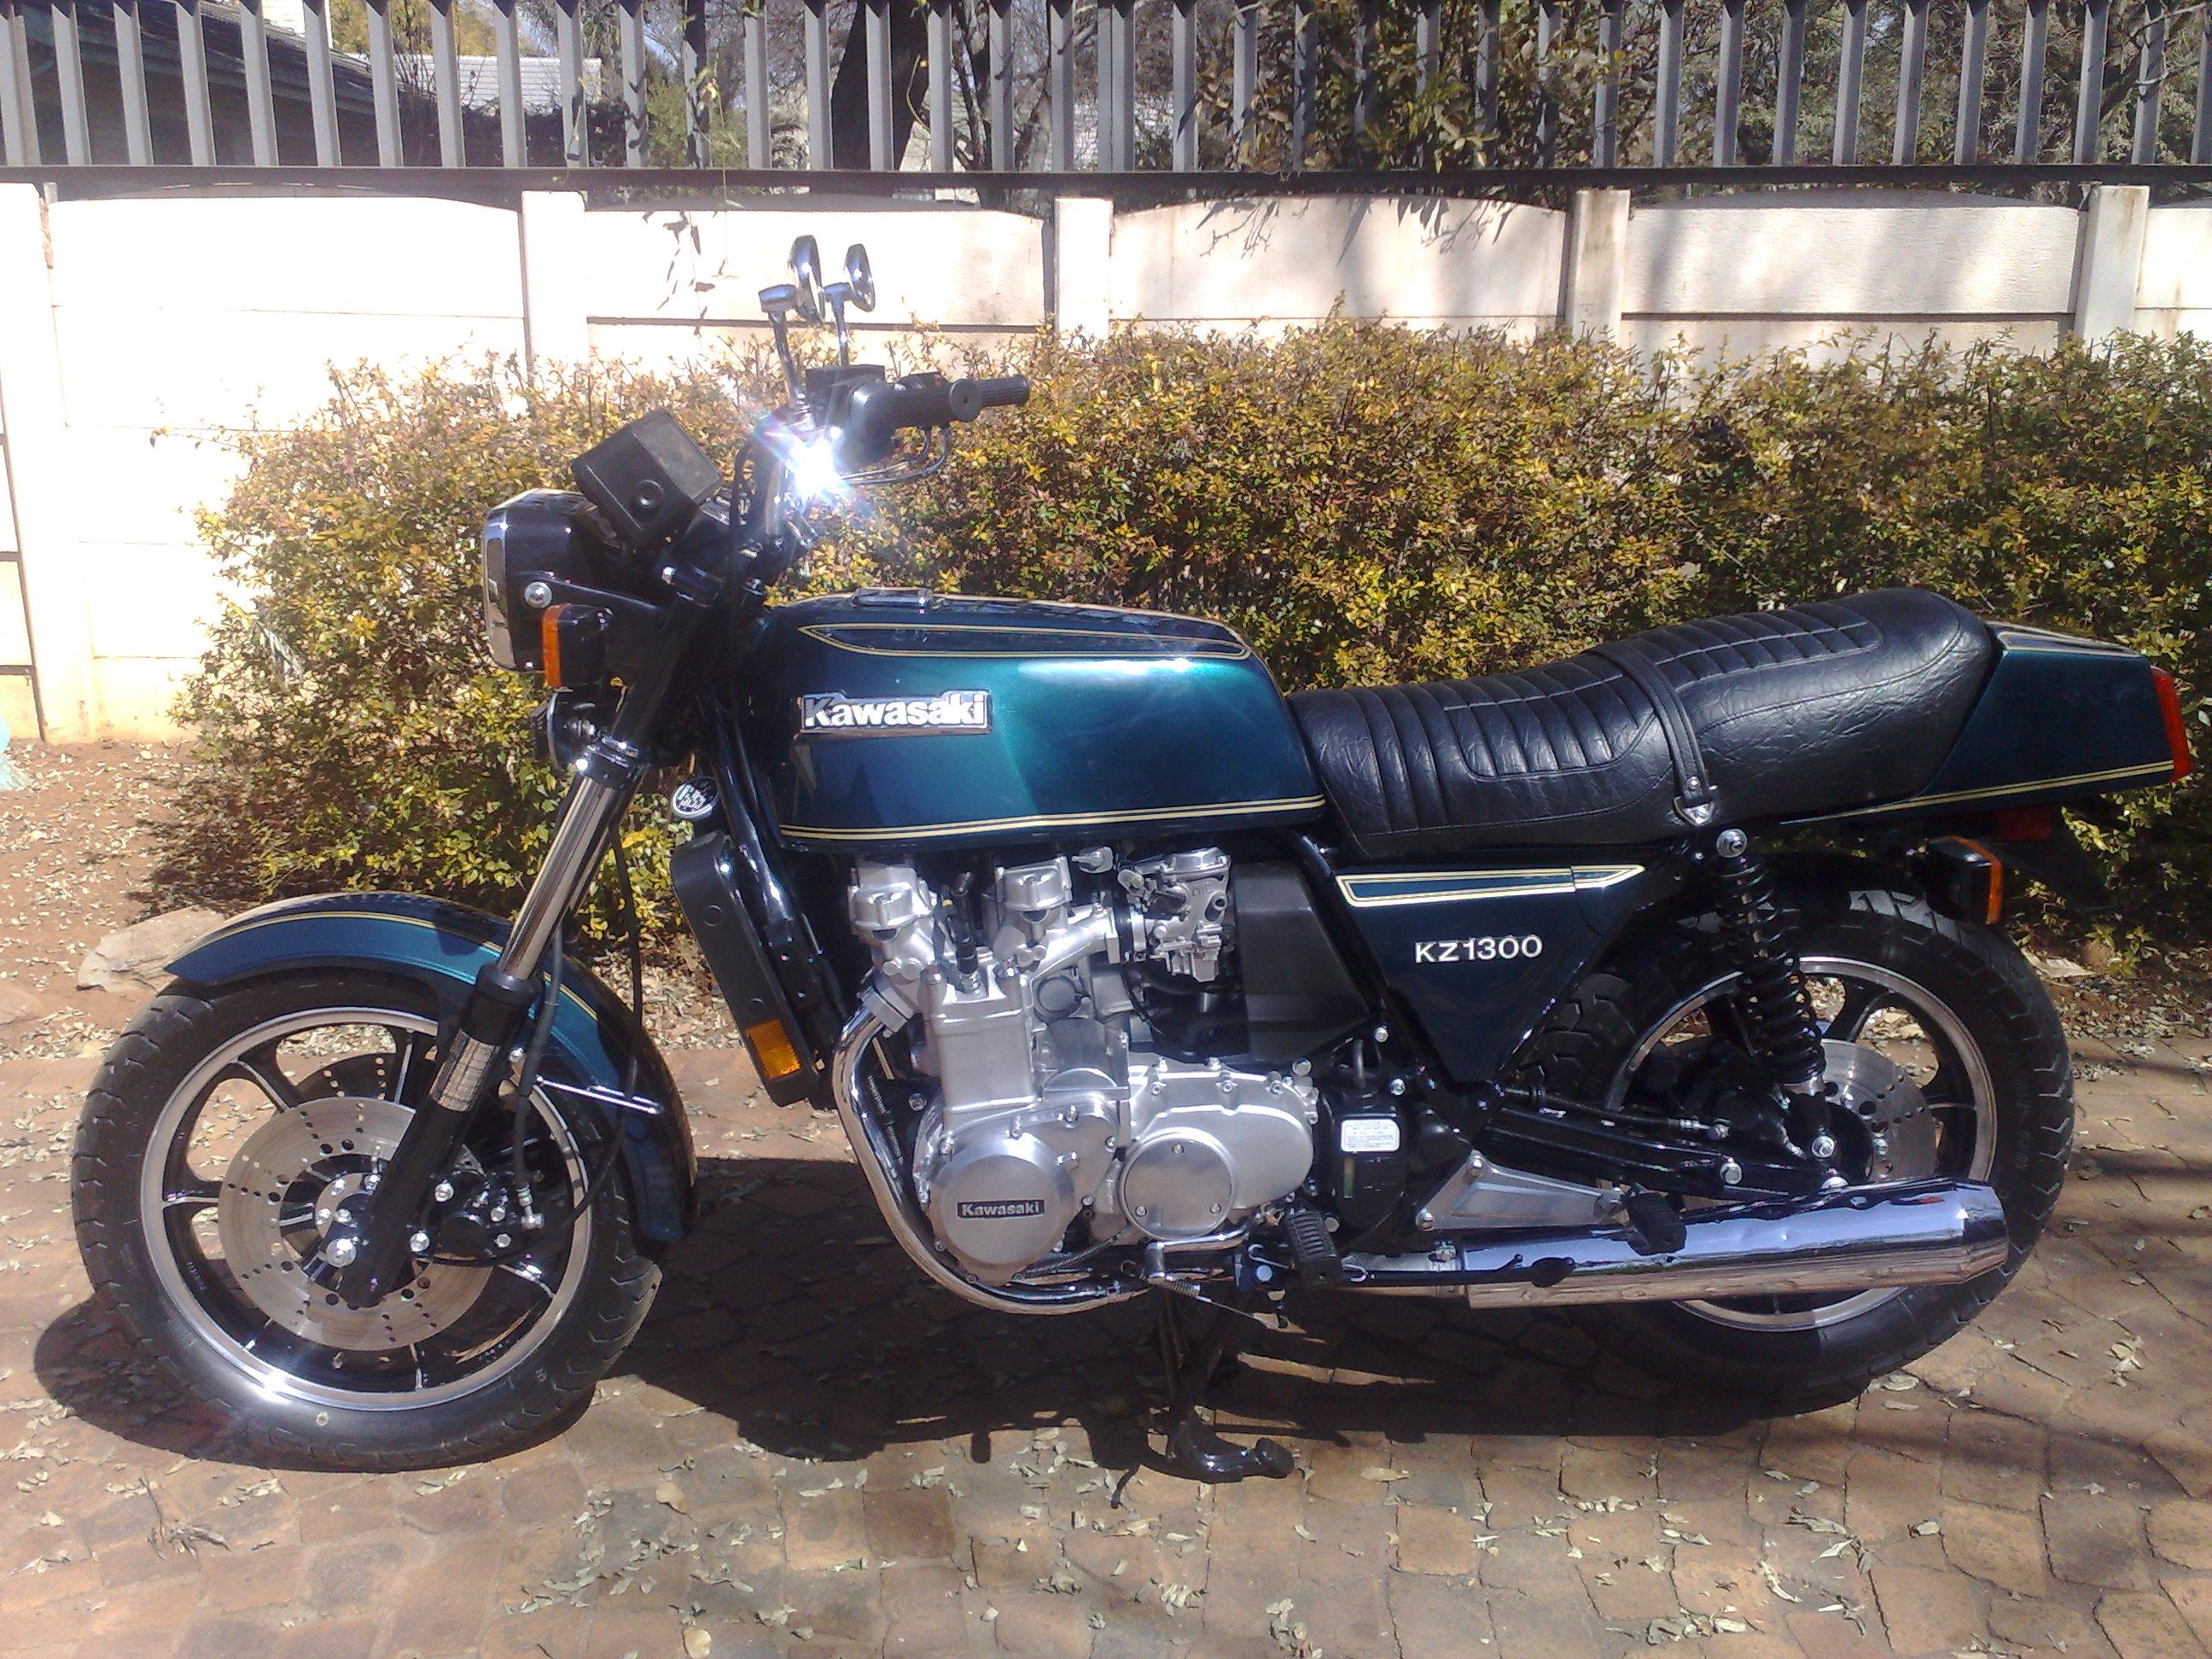 1980 Kawasaki KZ 1300 after pic 1